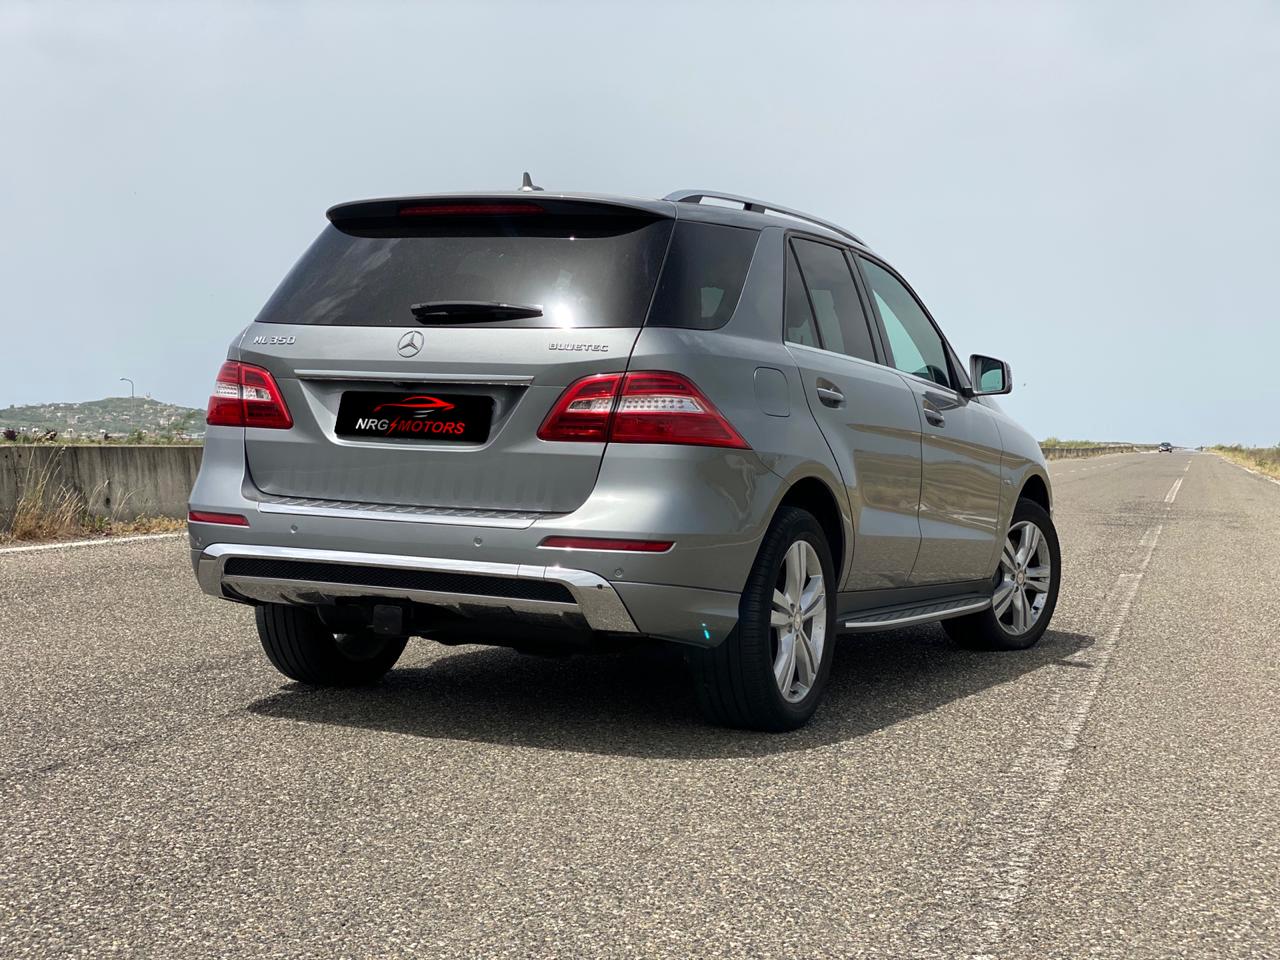 Benz ML 350 CDI Bluetec Look AMG - NRG Motors